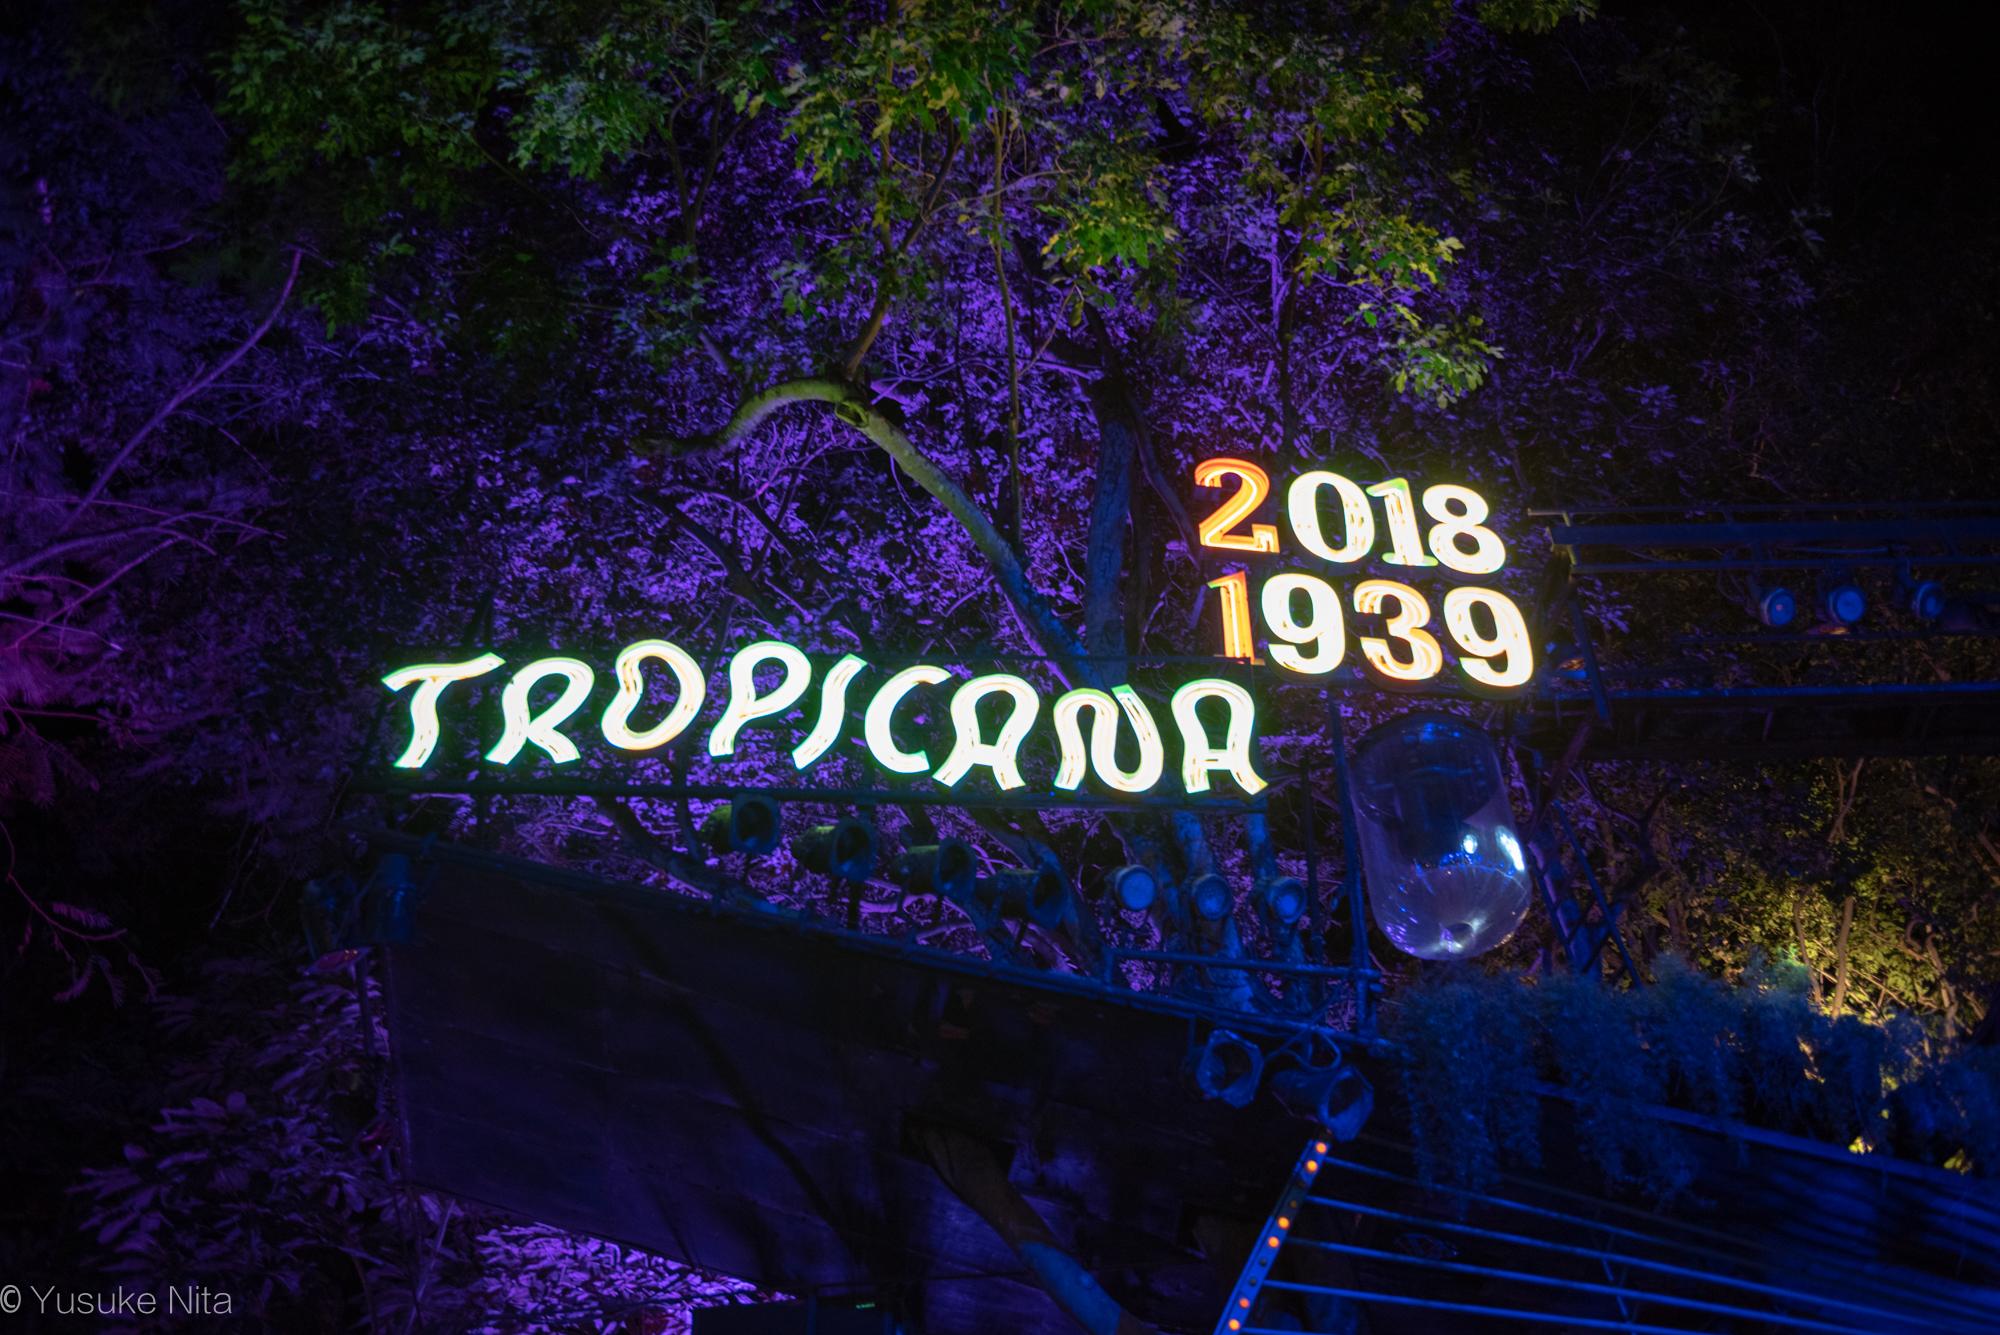 ハバナ市内にある、1939年創業の世界的に有名なキャバレー「TROPICANA」